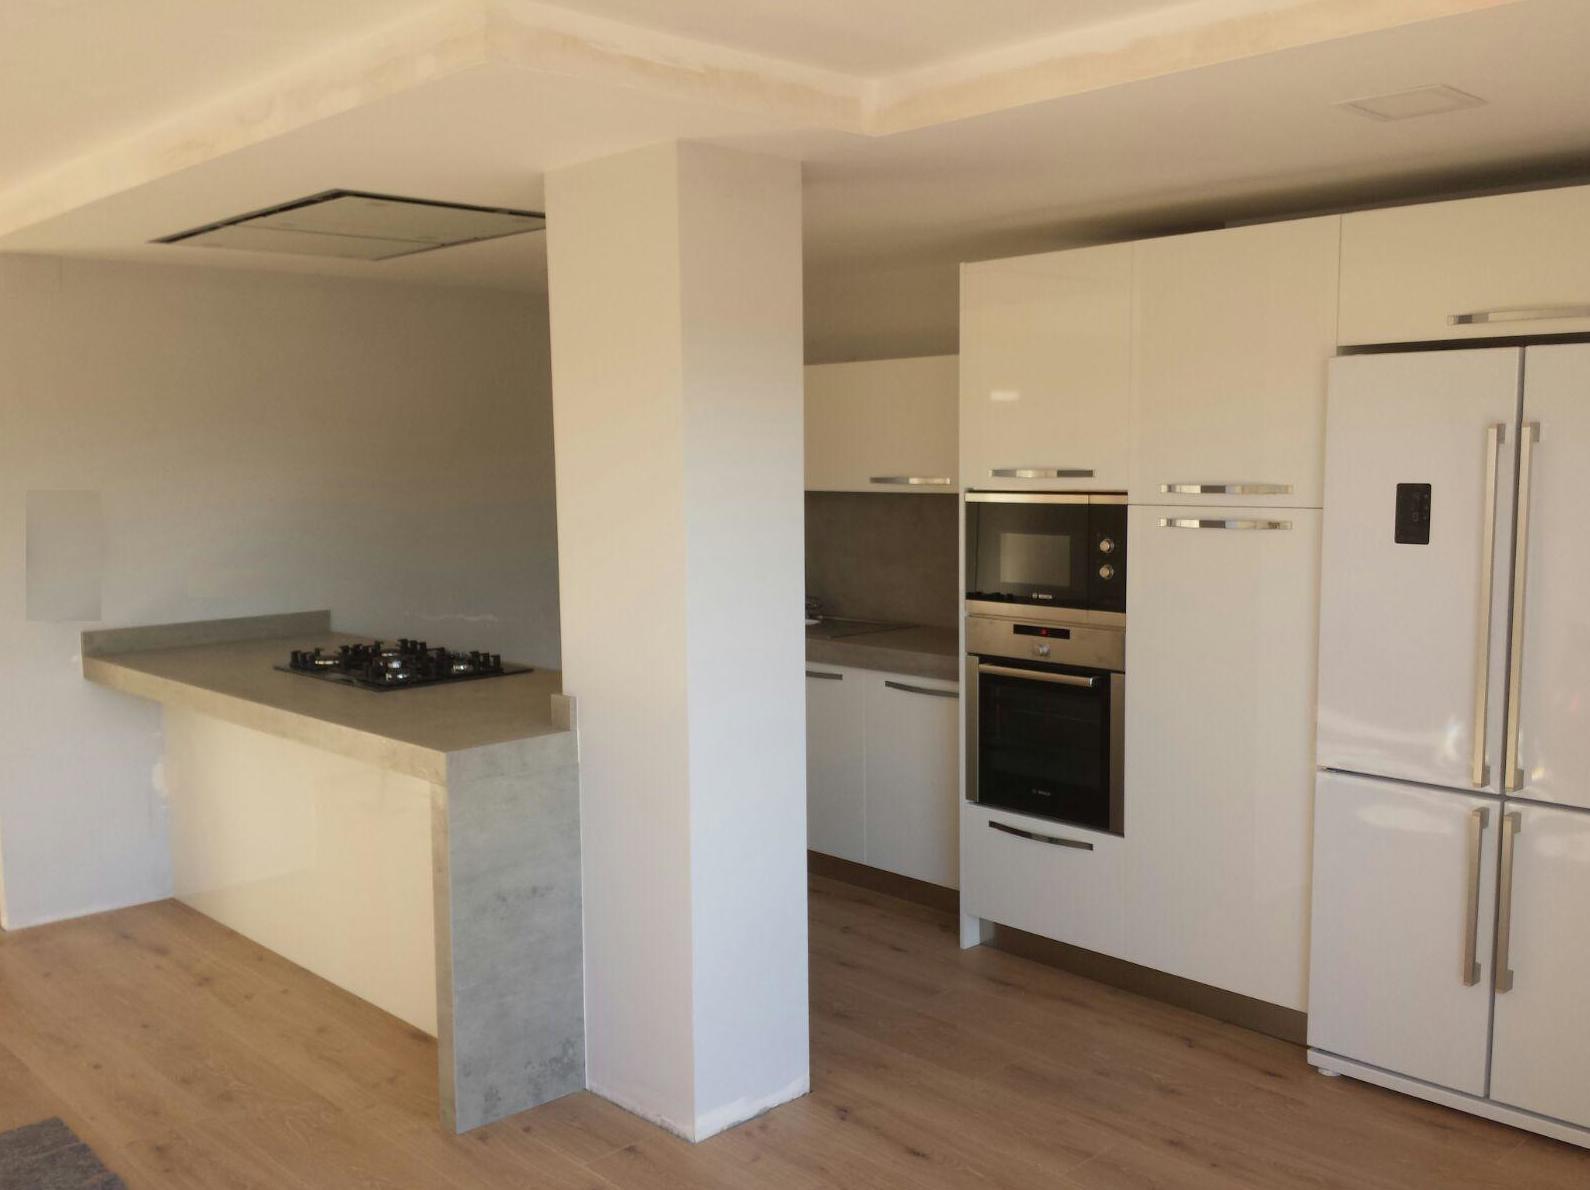 Foto 32 de Muebles de cocina en  | Diseño Cocina